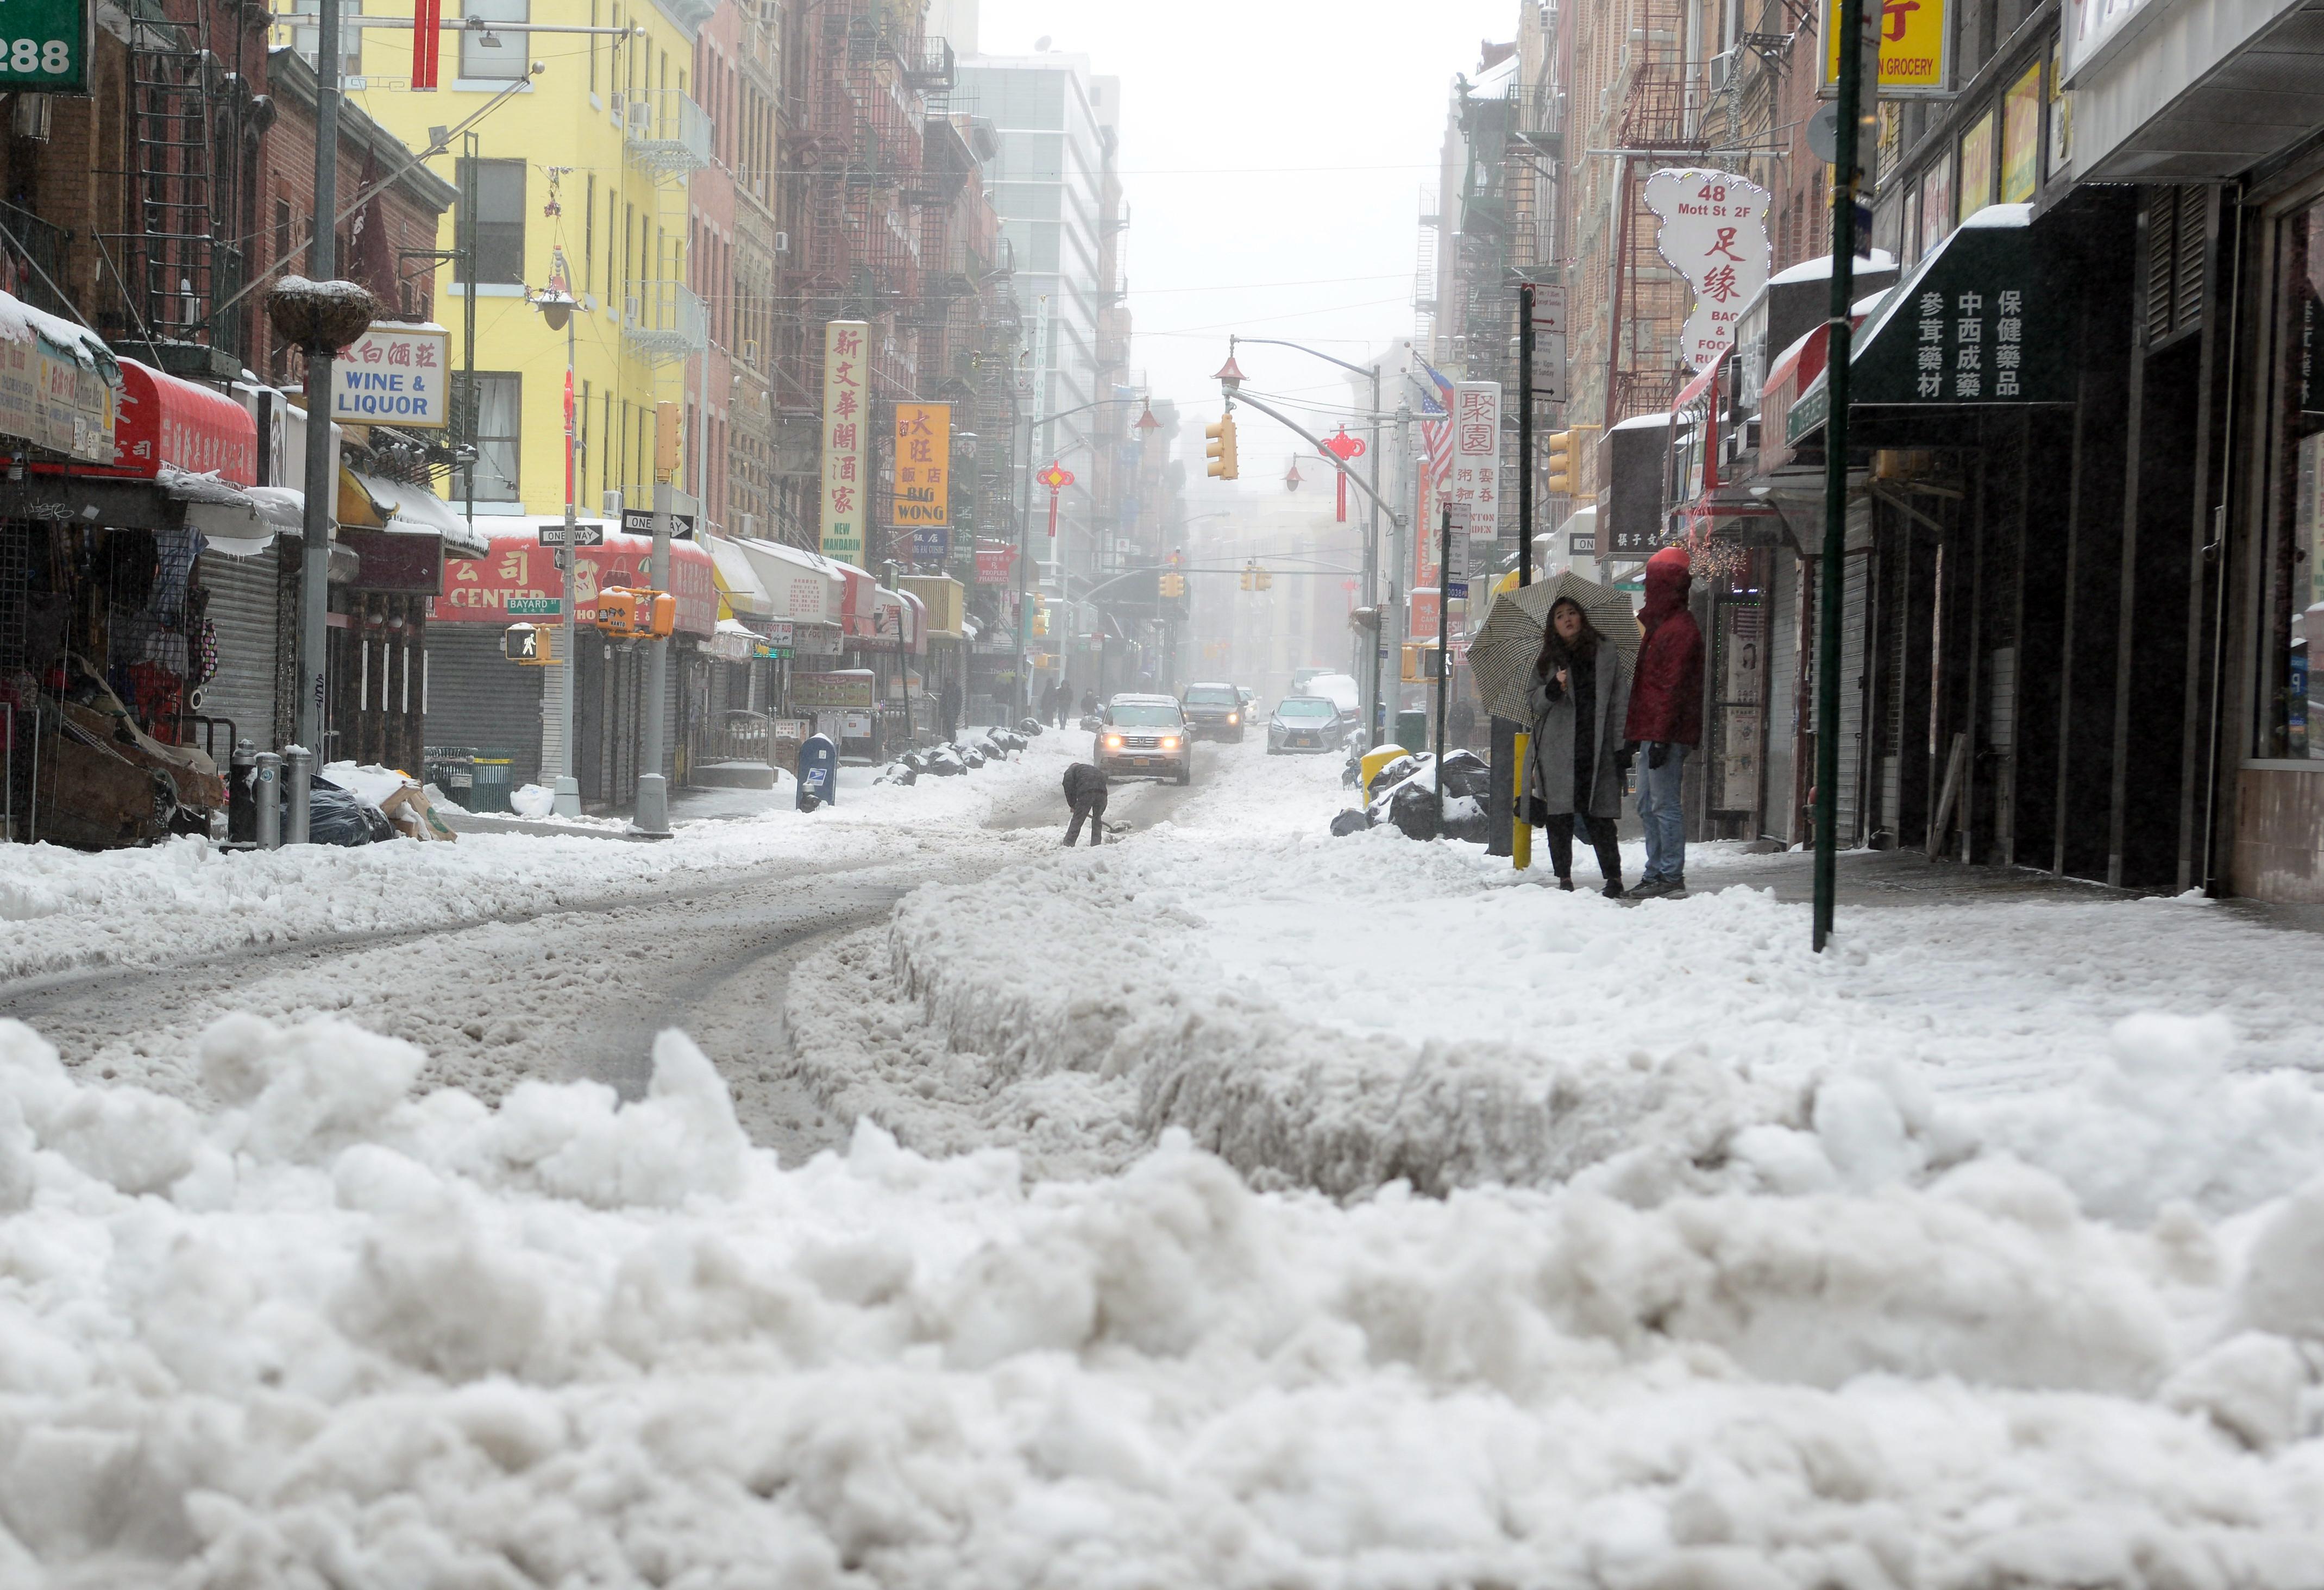 暴風雪「史帝拉」14日來襲,紐約市區曼哈頓華埠處處積著白雪。(記者許振輝/攝影)